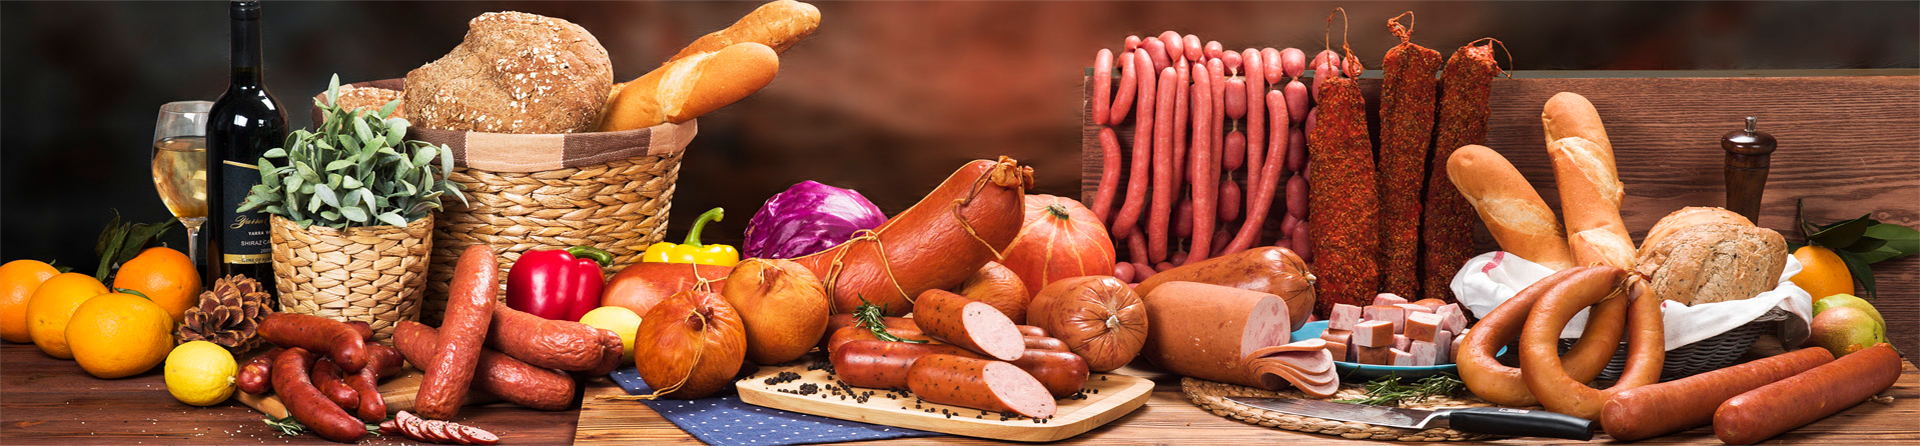 重工香肠肉食品代加工